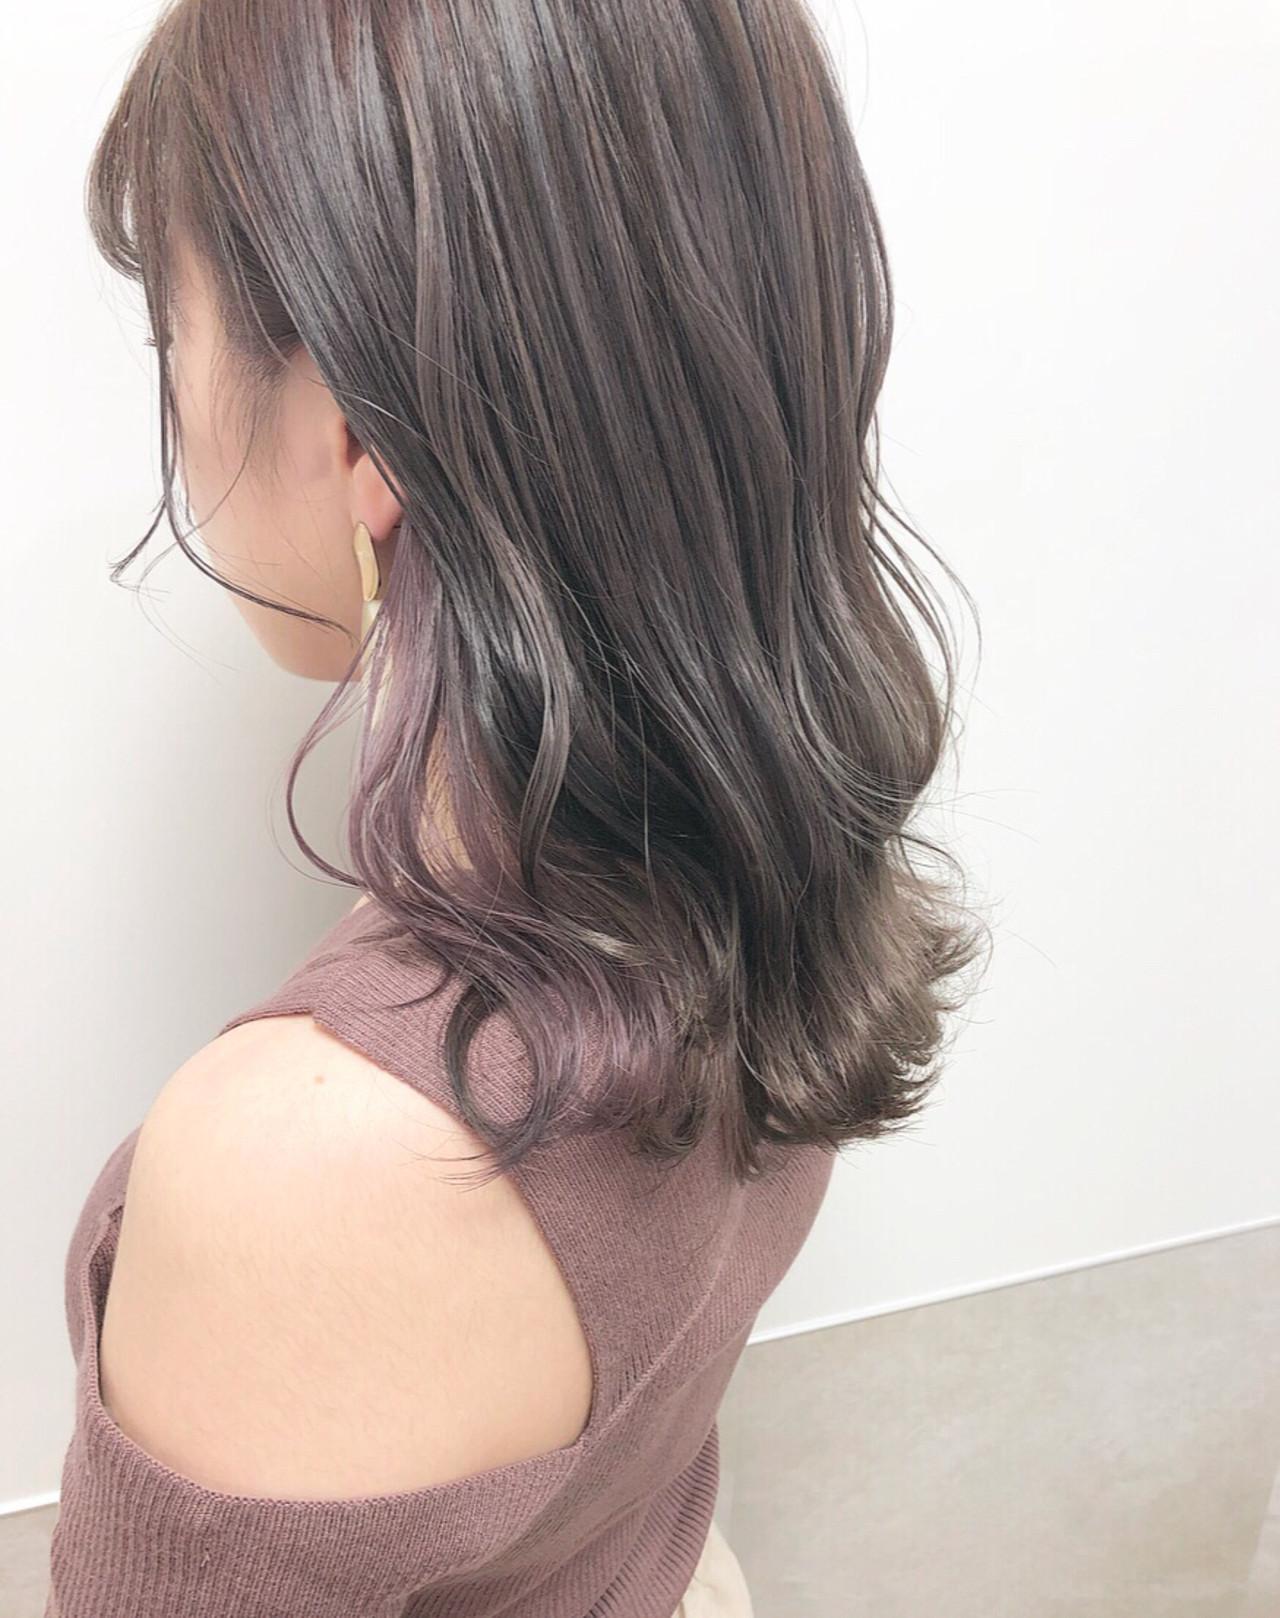 ピンクを仕込んだ明るめカラーミディアム hii.de@✂︎